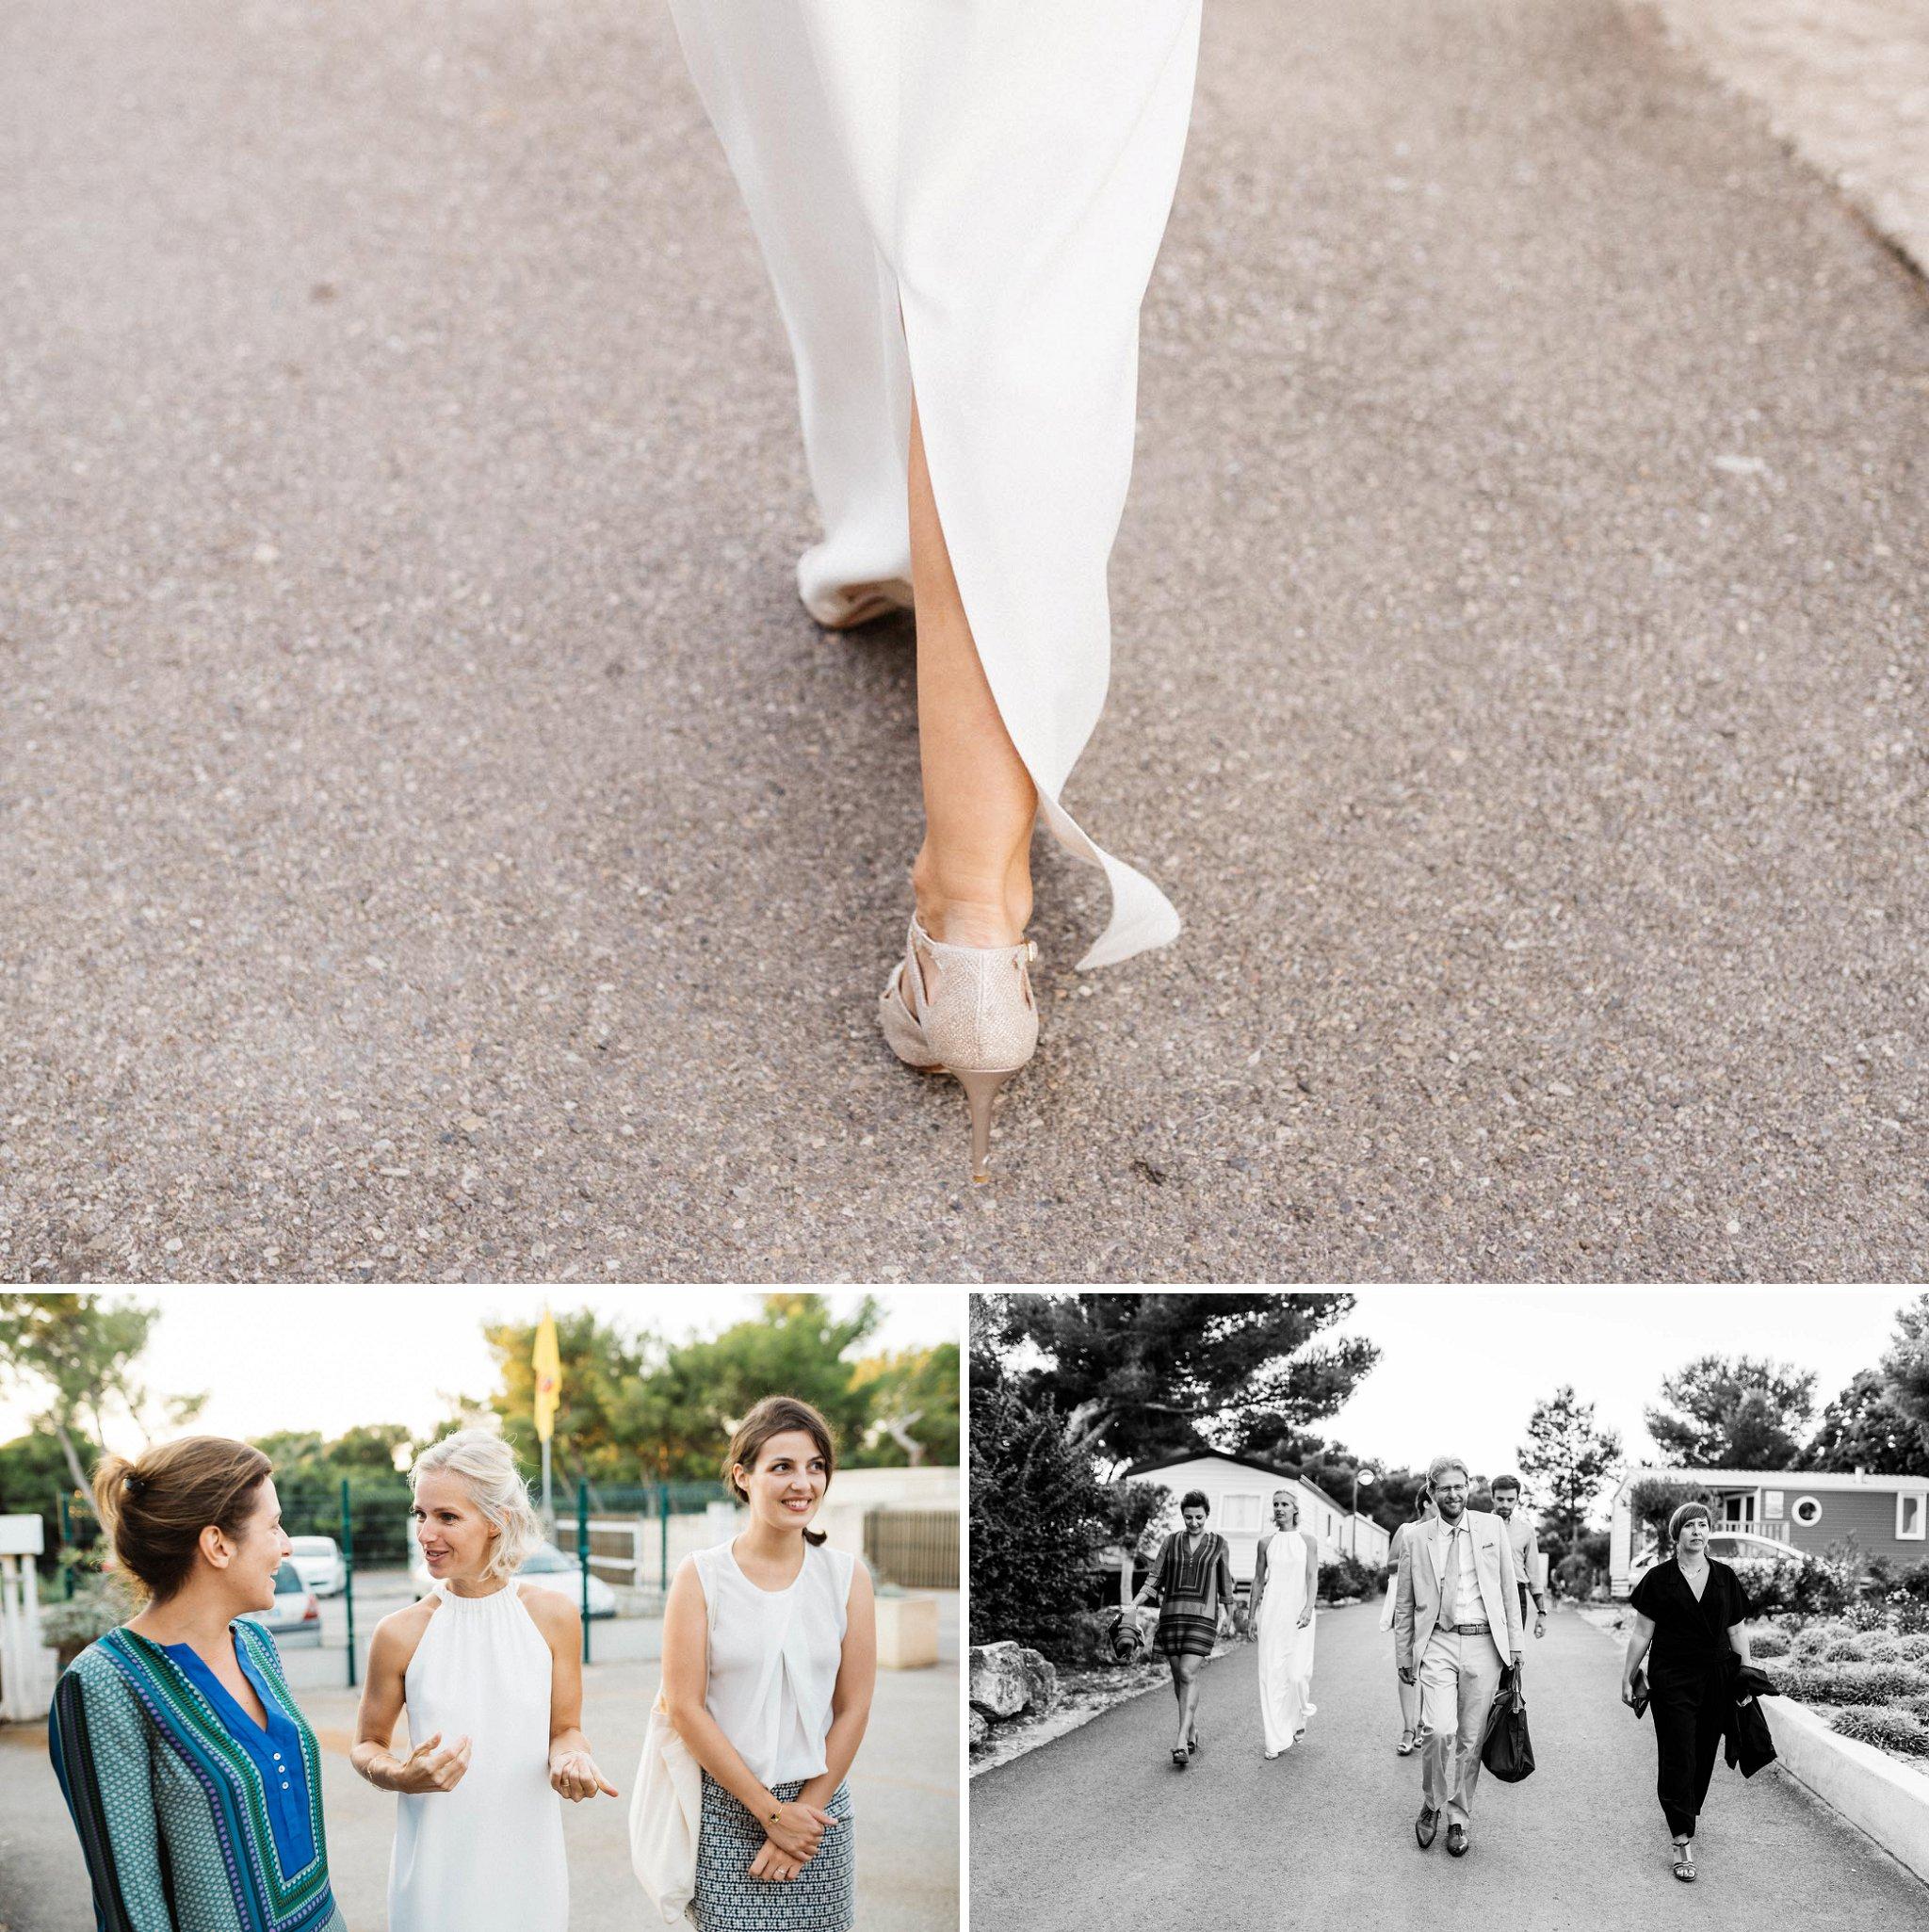 mariage-amis-provence-mediterranee-plage-convivial (14)